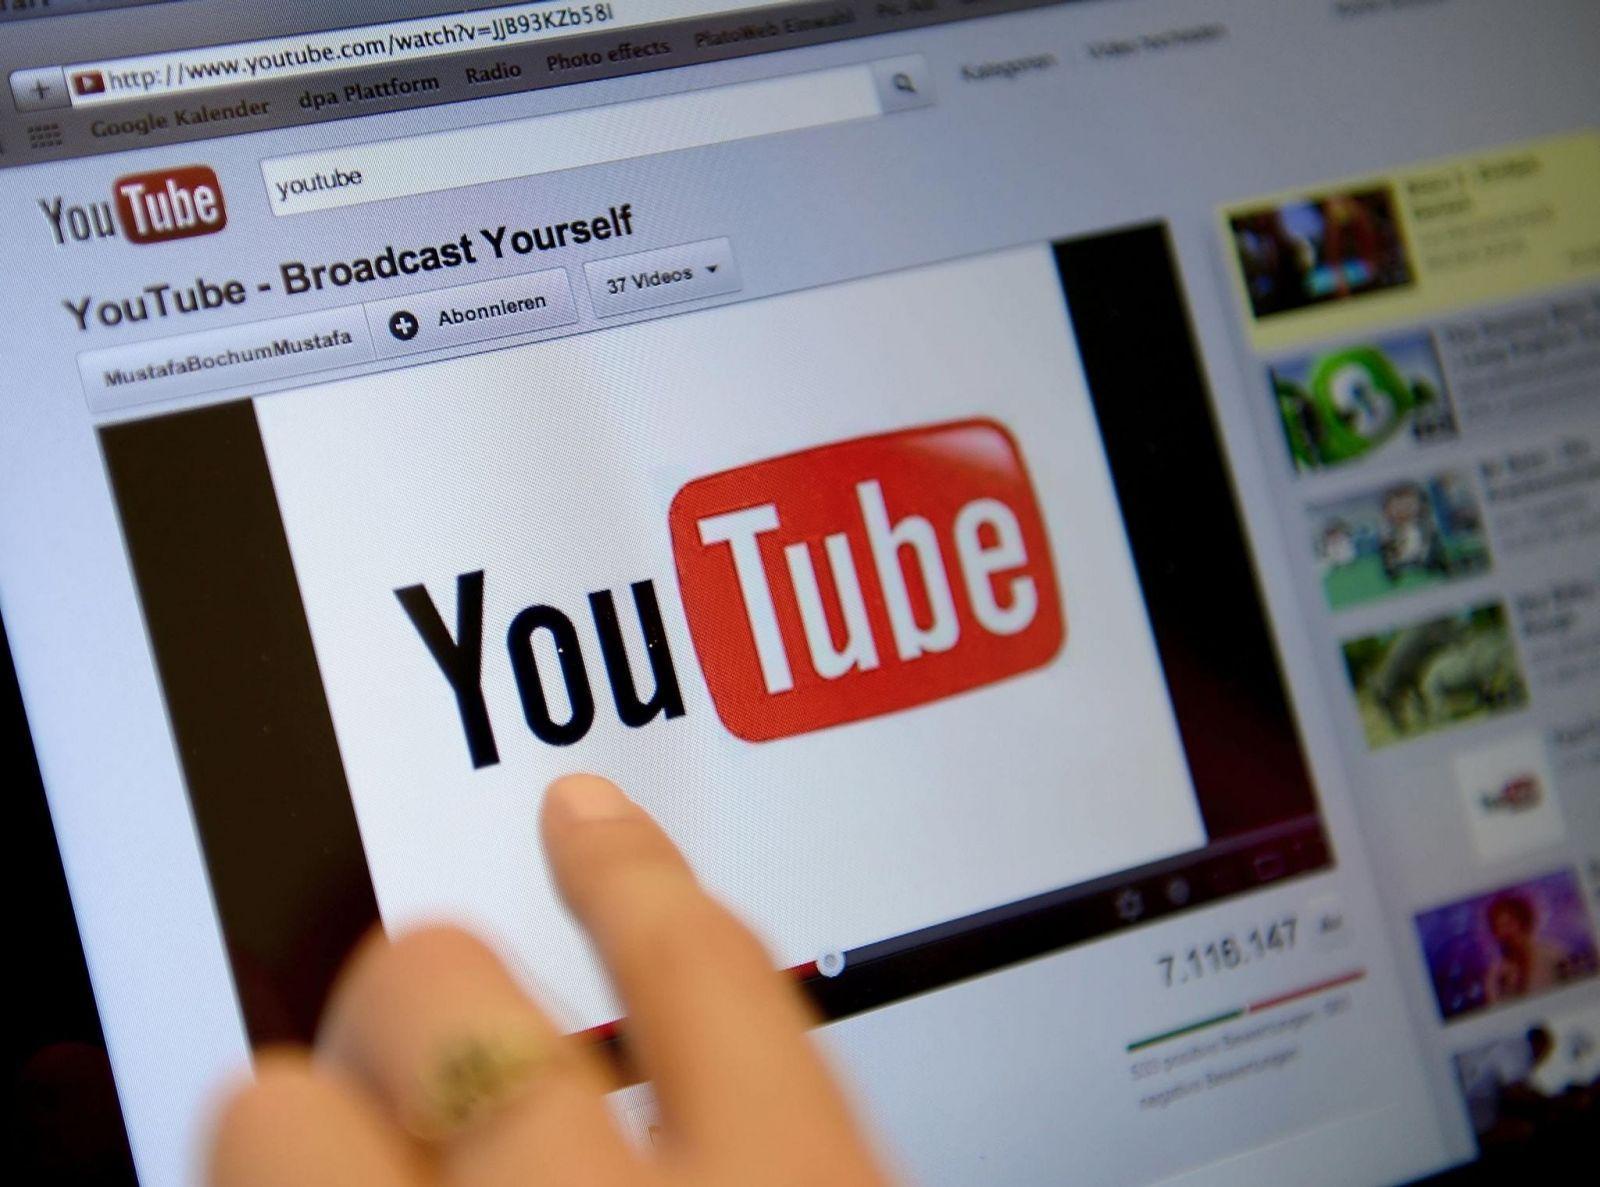 ФАС возбудила дело против Google. Поводом стала блокировка YouTube-аккаунтов